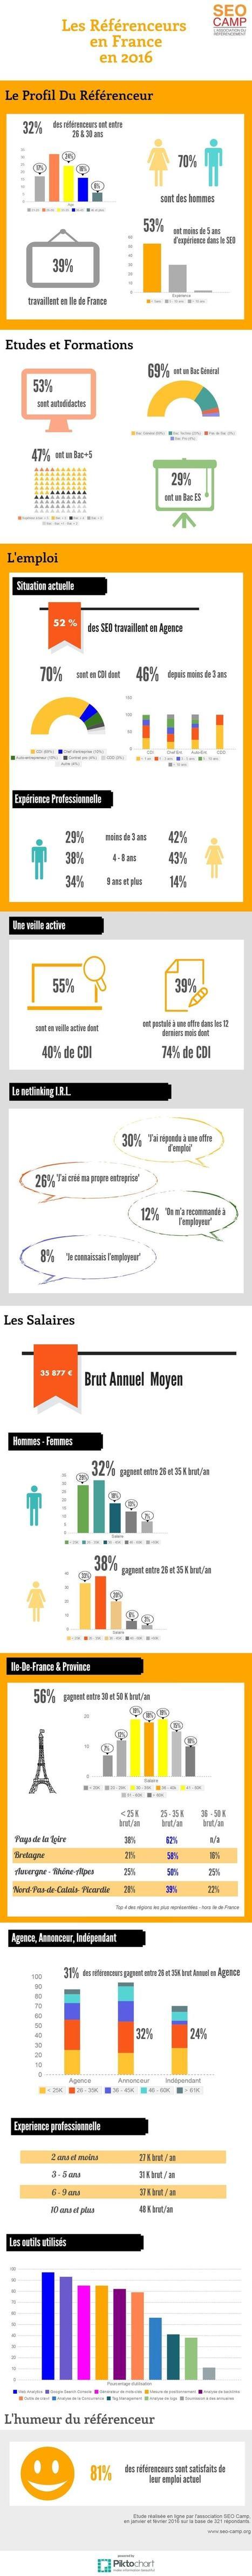 Infographie : Le profil du référenceur français en 2016 - Actualité Abondance | SEO SEA SEM - Référencement Naturel & Payant | Scoop.it